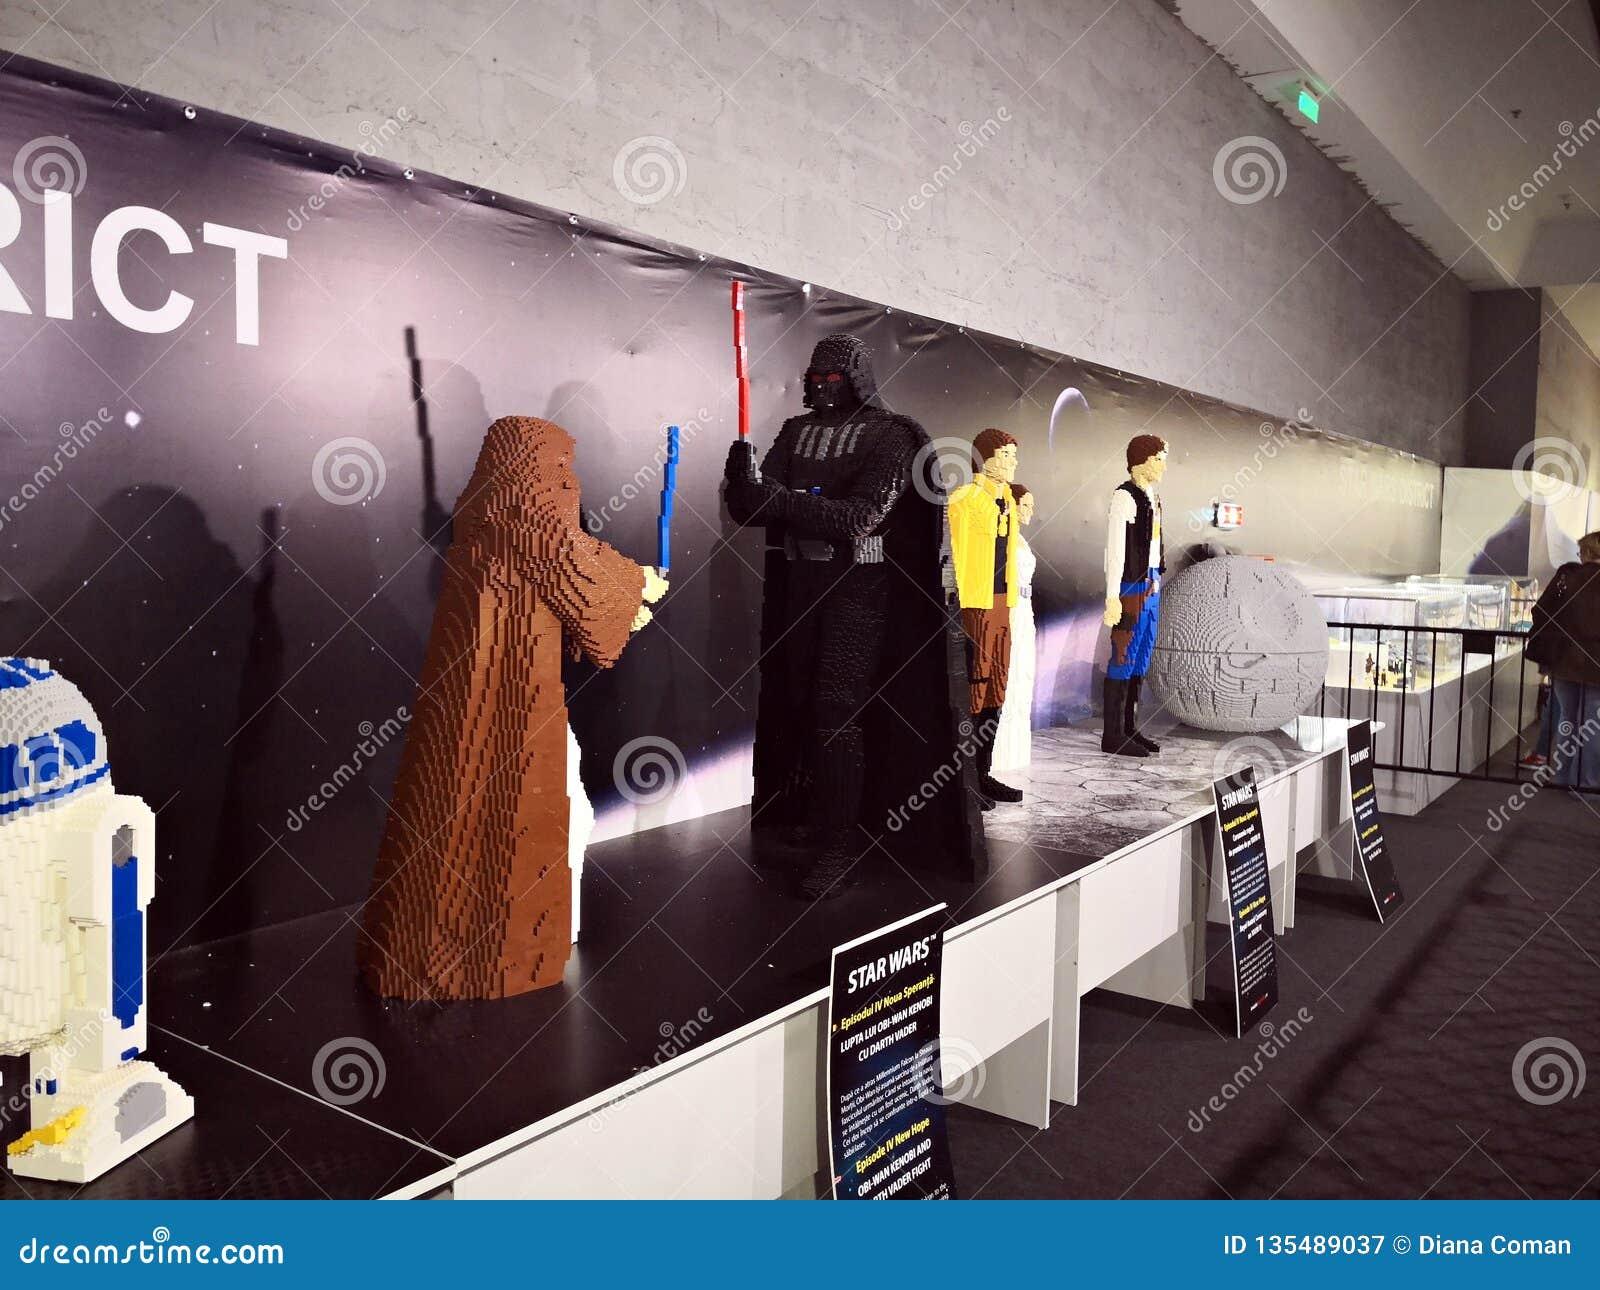 Star Wars, Lego Powystawowa inwazja giganty -